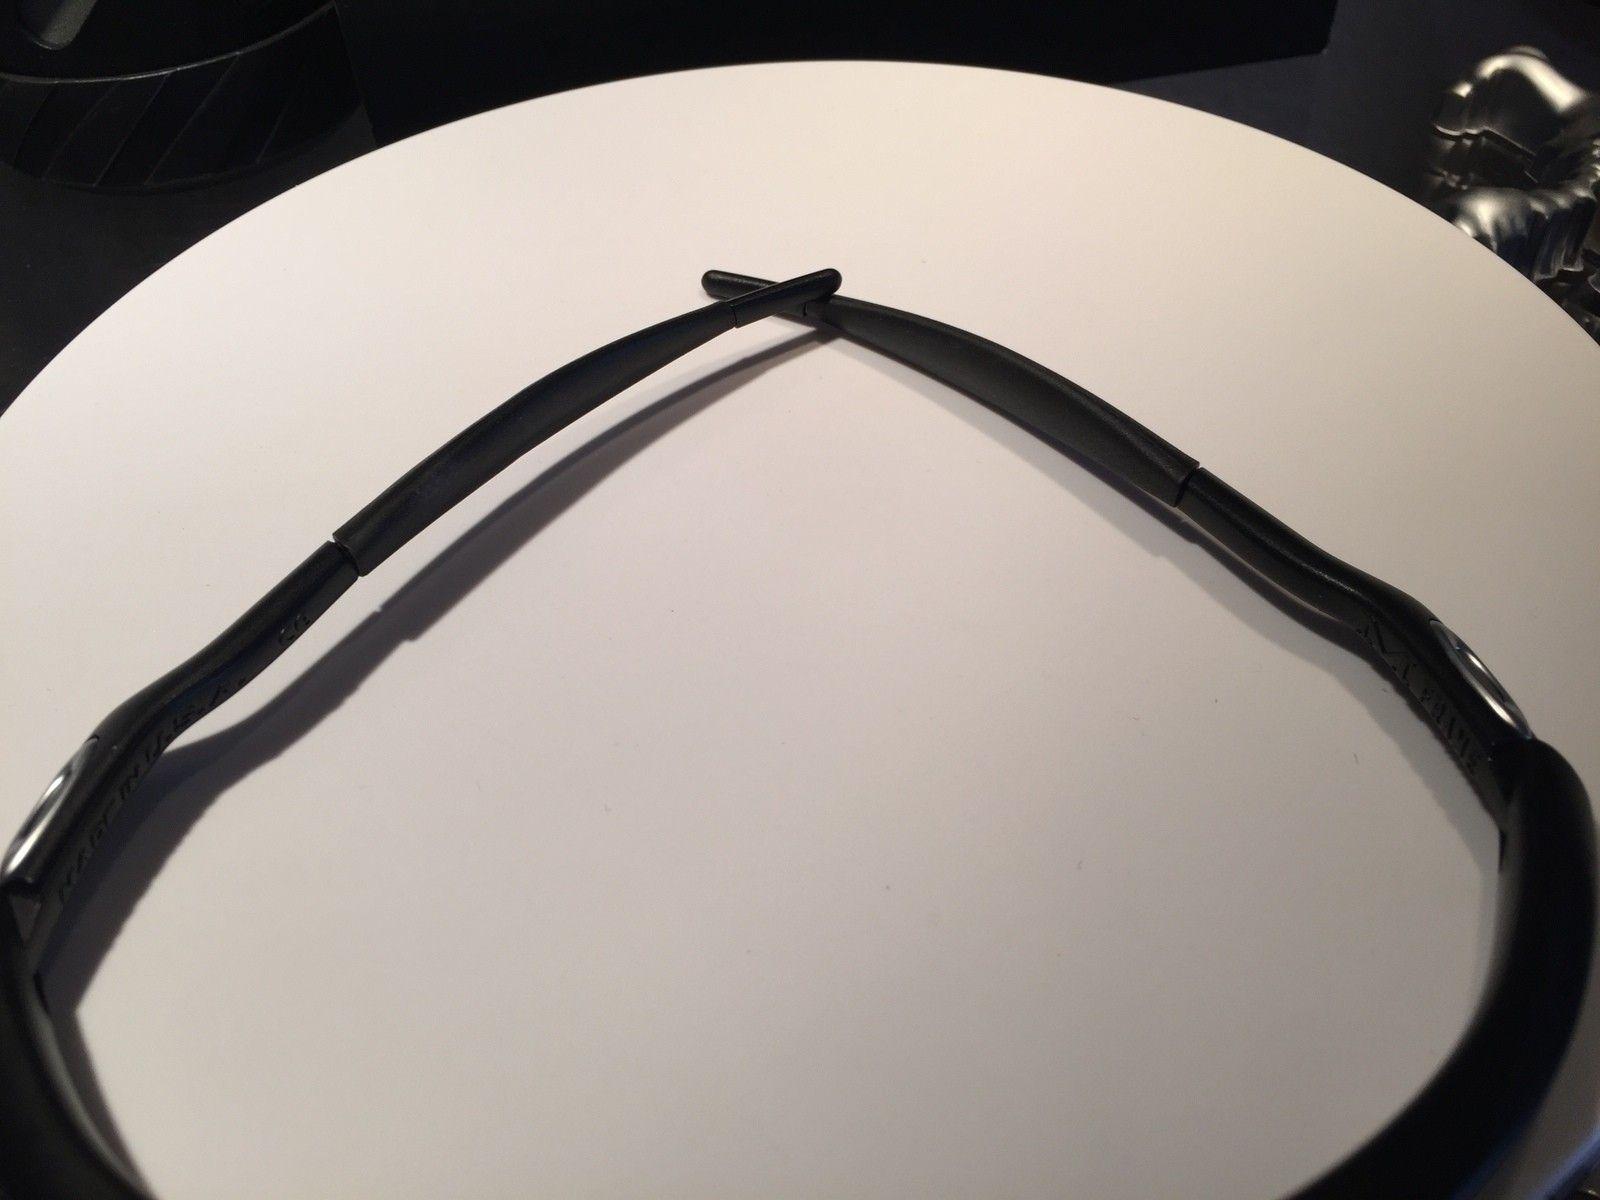 New M-Frame Black frame $100 Allin - image.jpeg